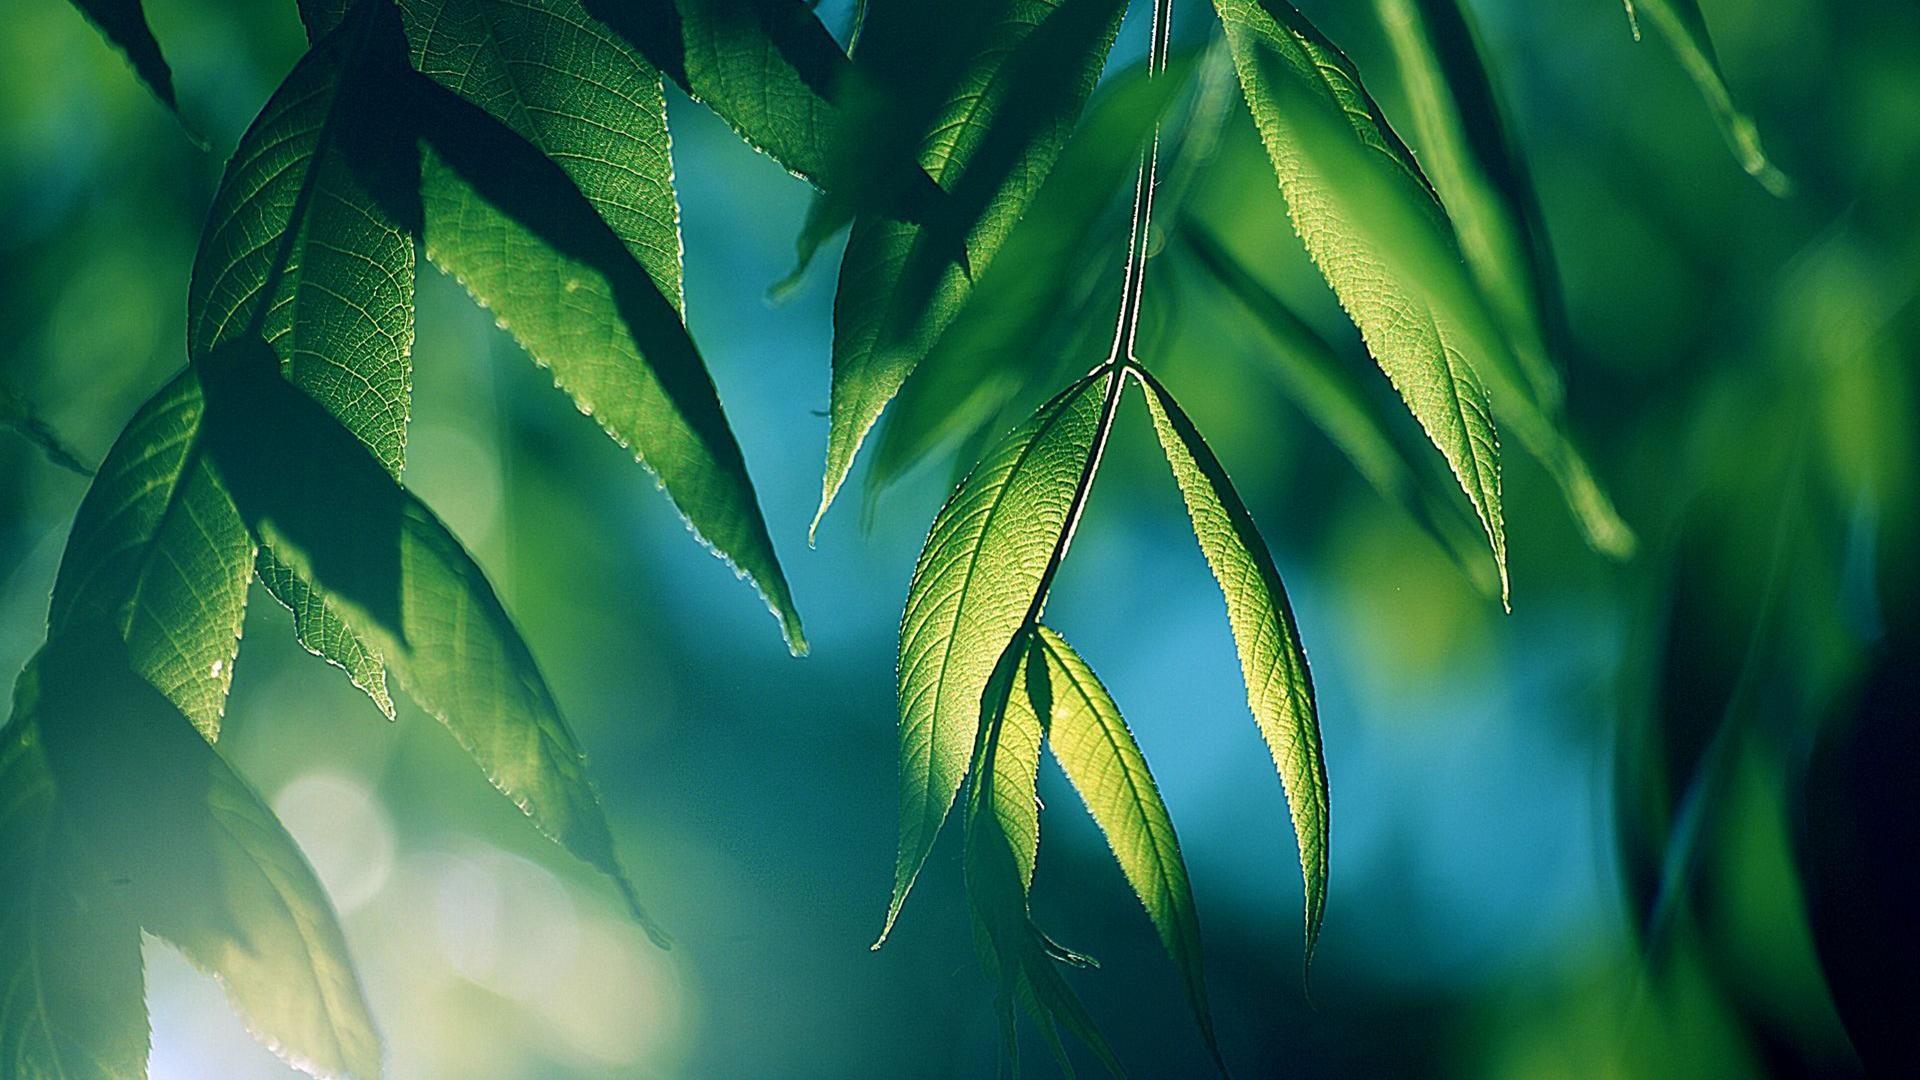 Cool Green leaves background for desktop